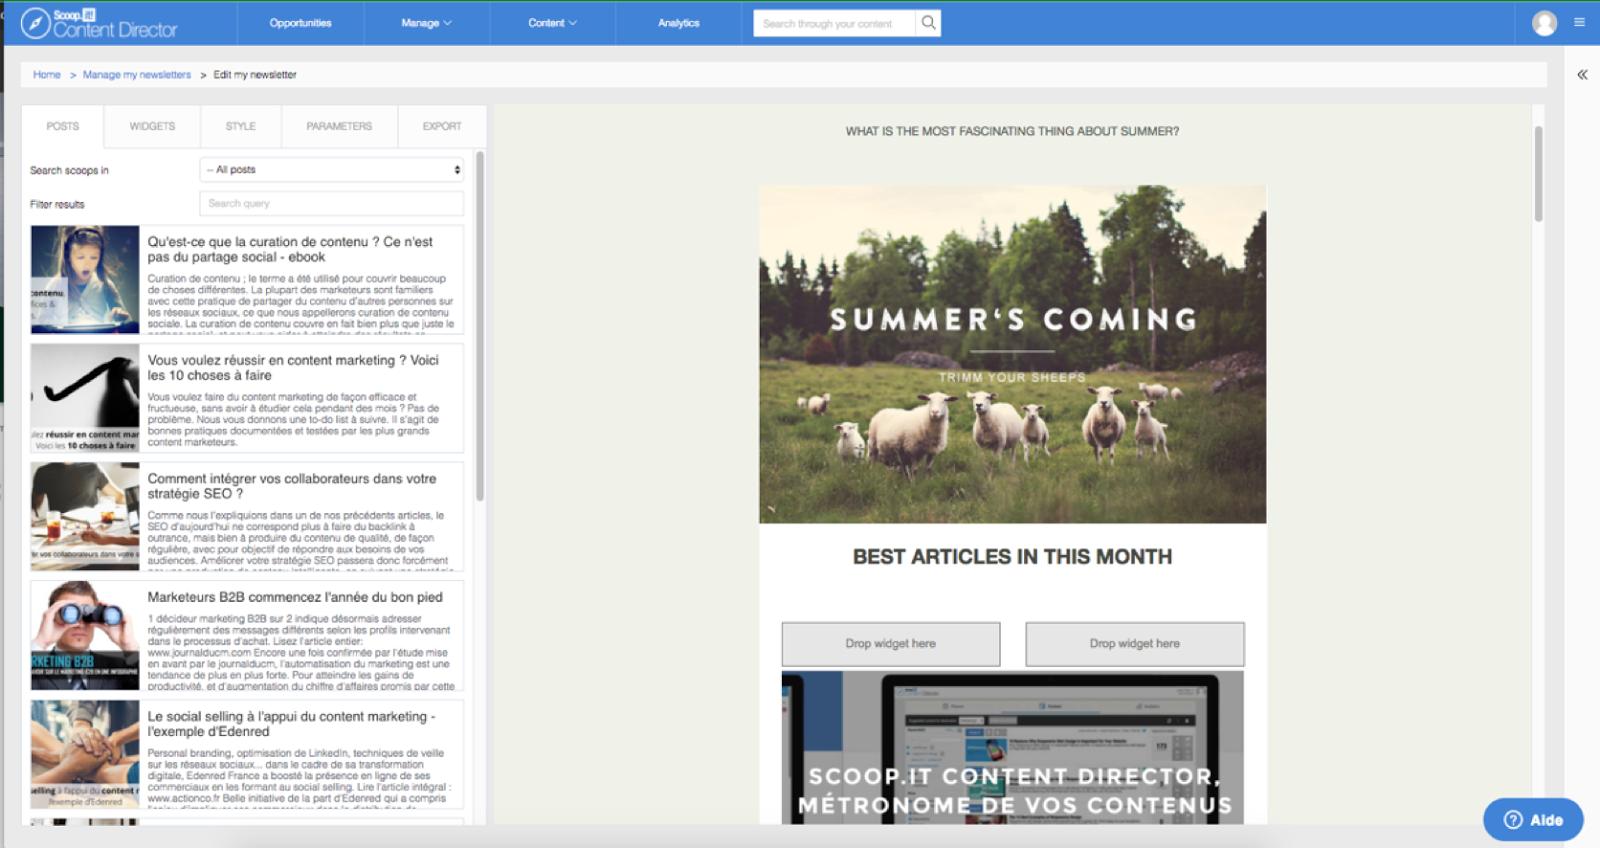 newsletter editor scoop.it content director